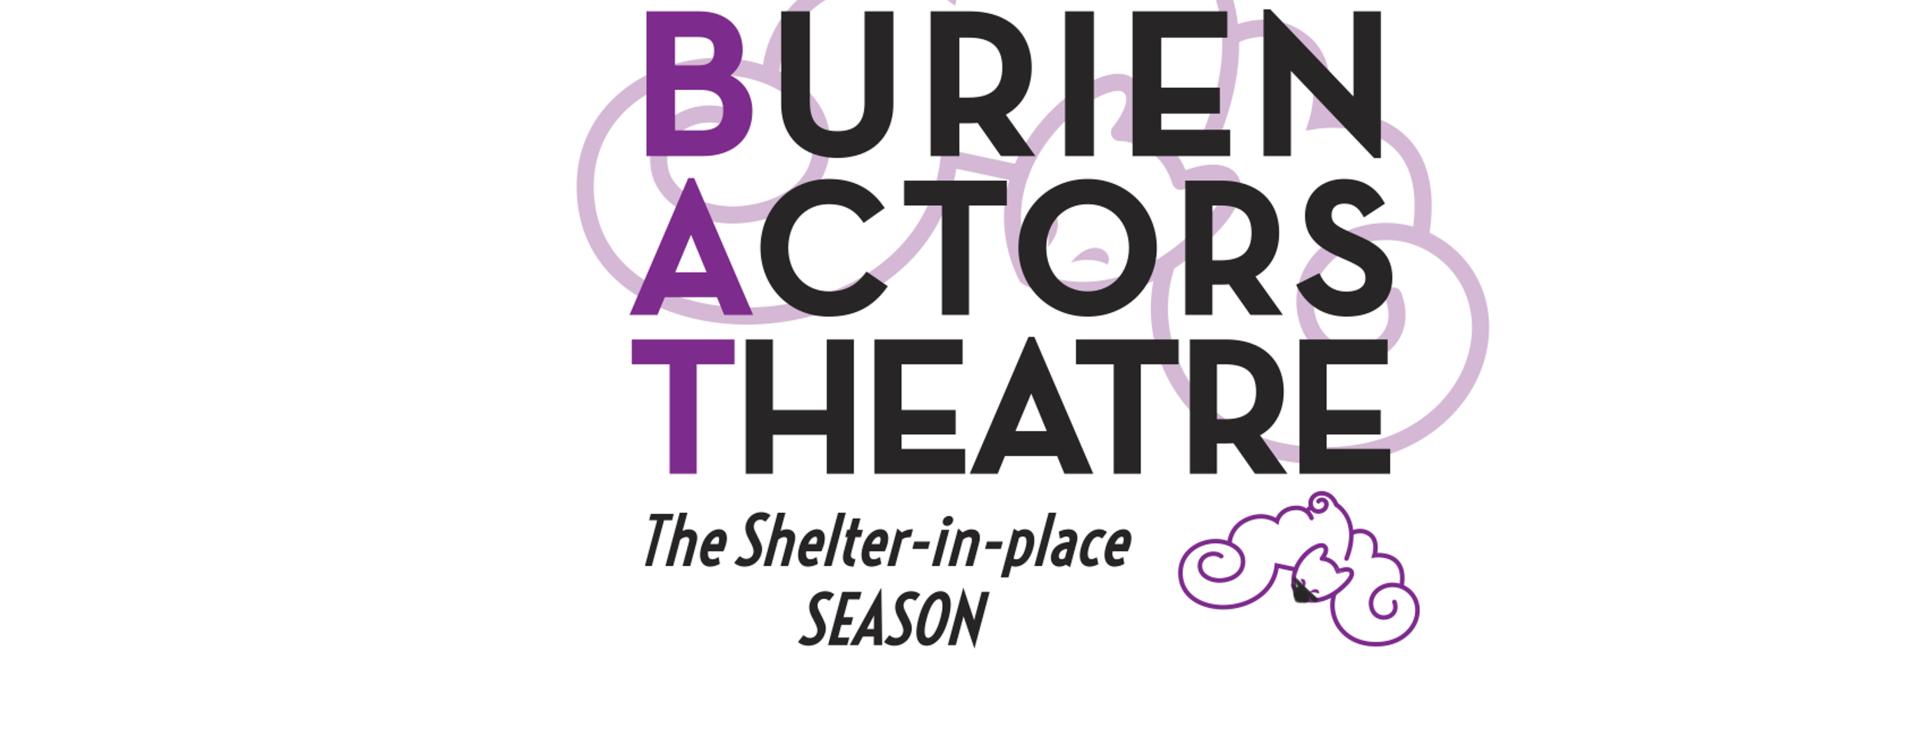 Burien Actors Theatre